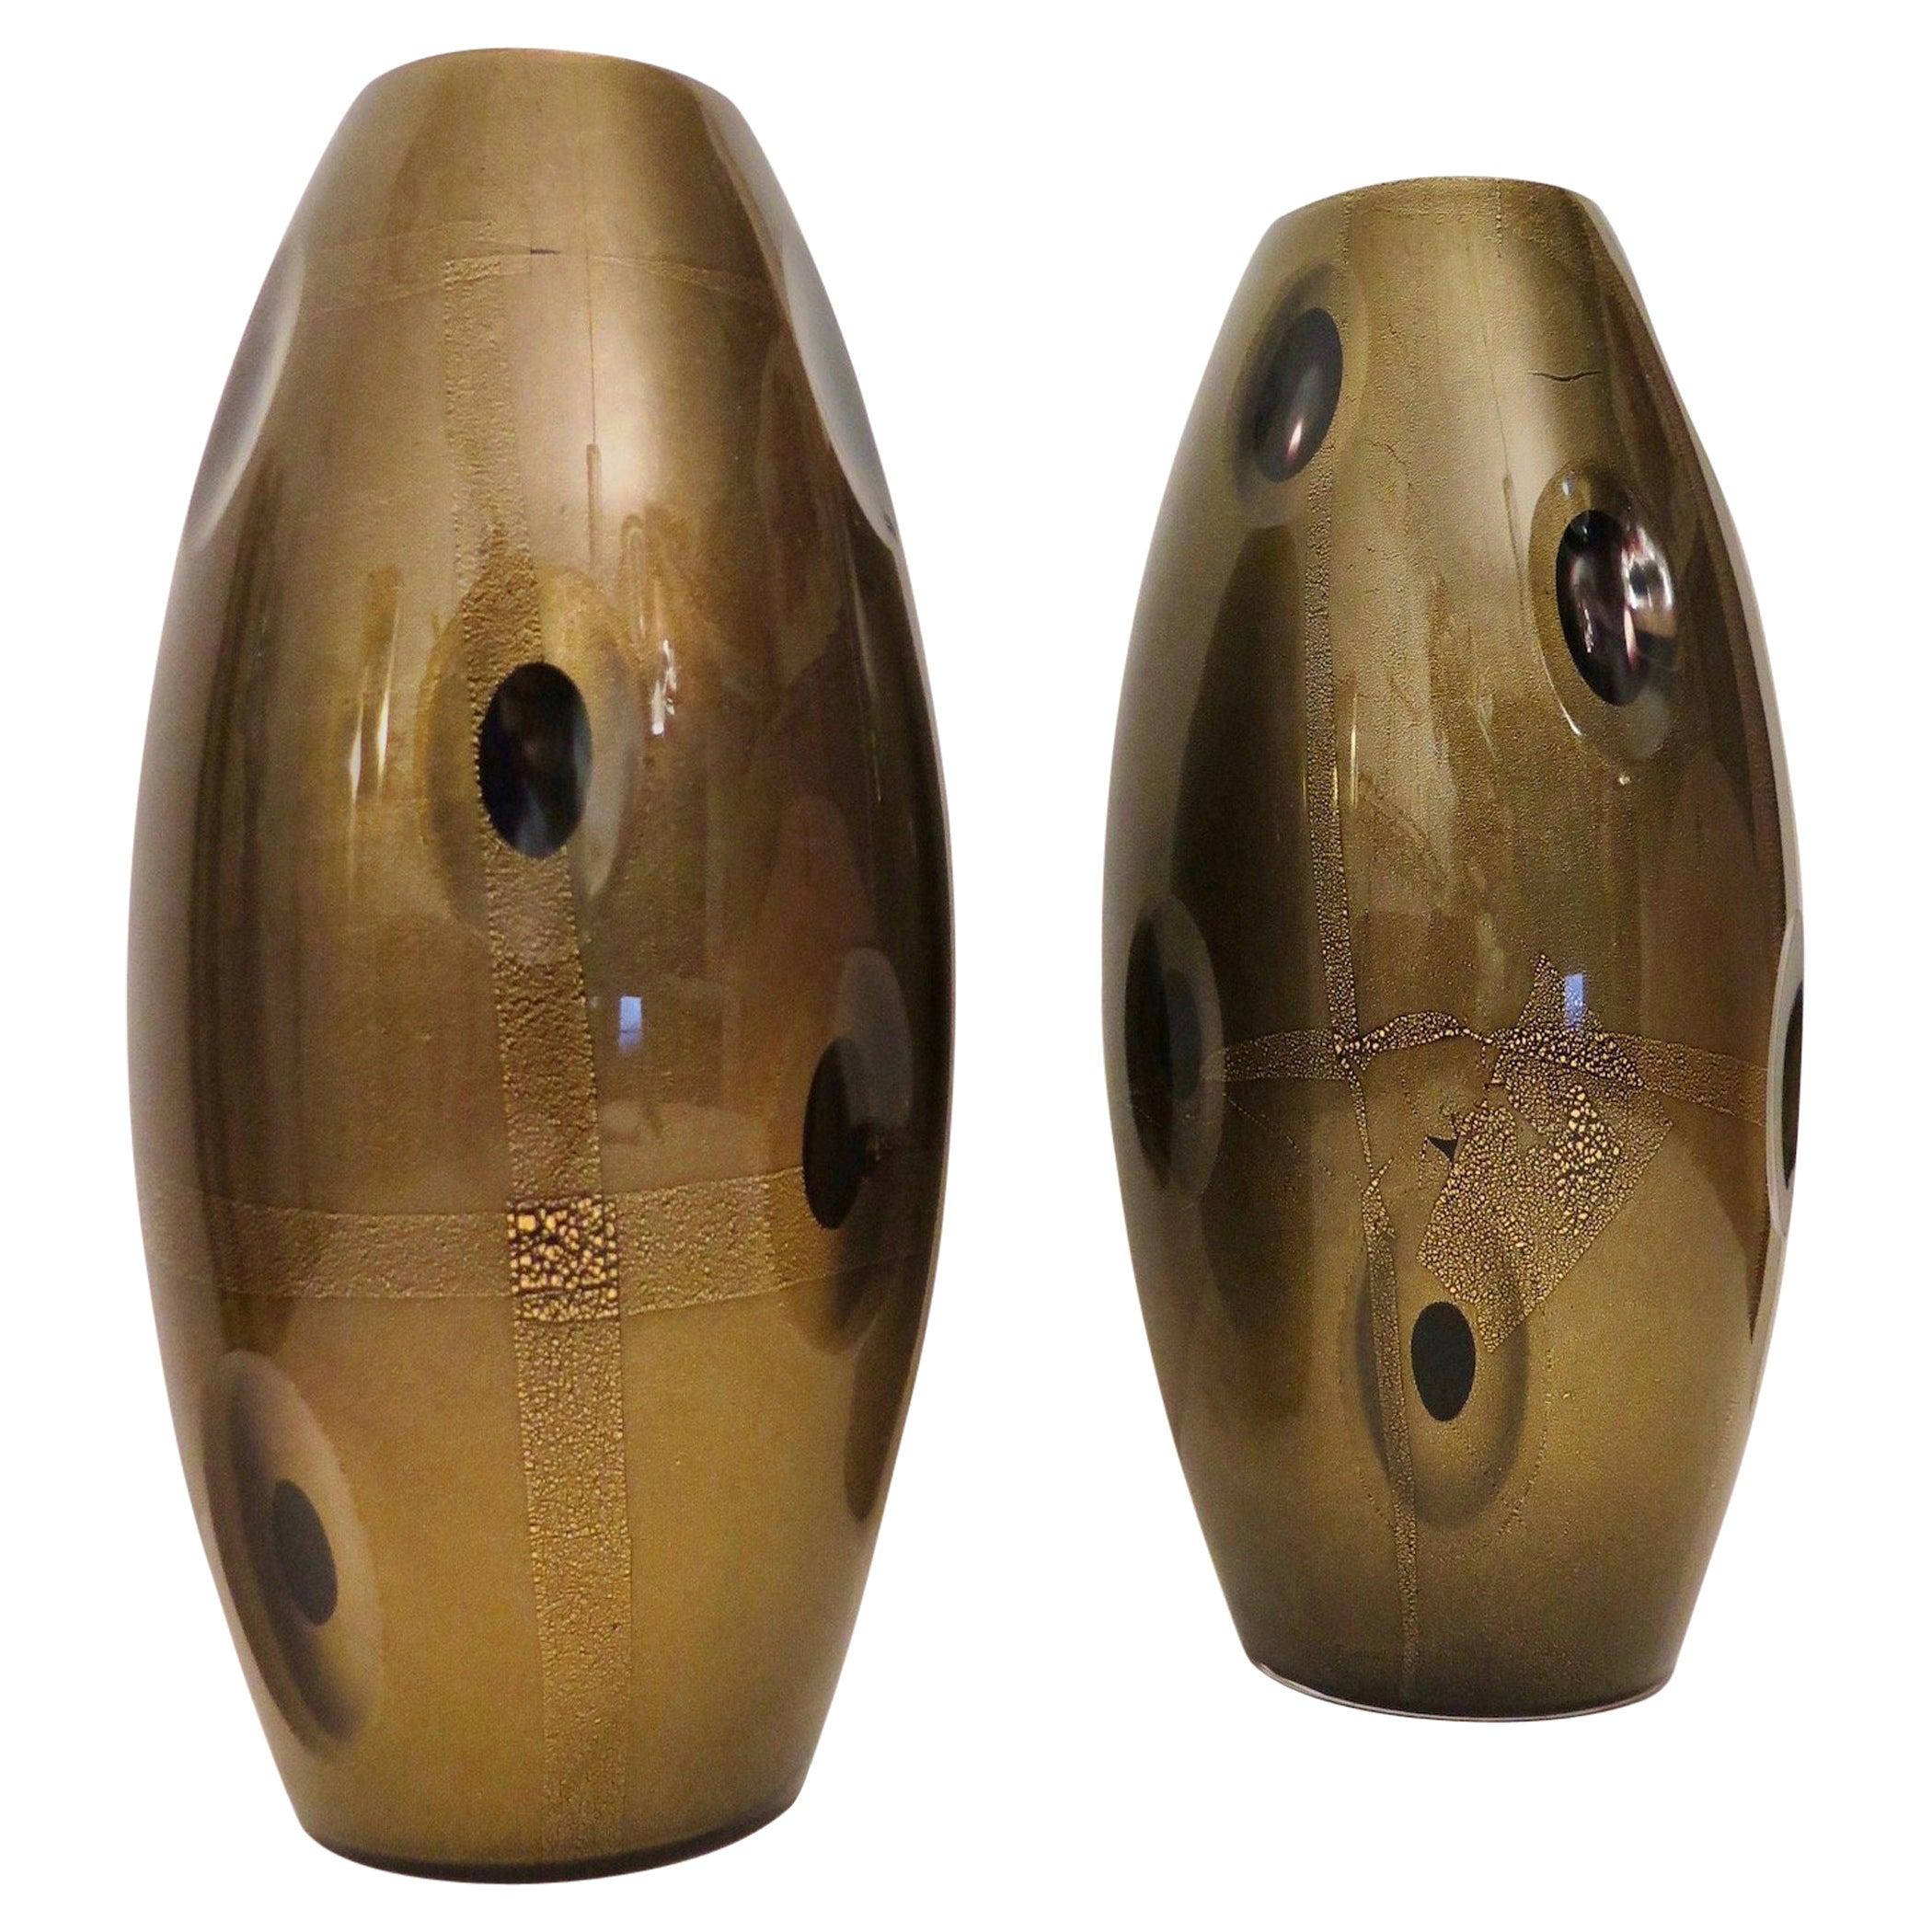 Pairs of Murano Art Glass Midcentury Italian Vases, 1970